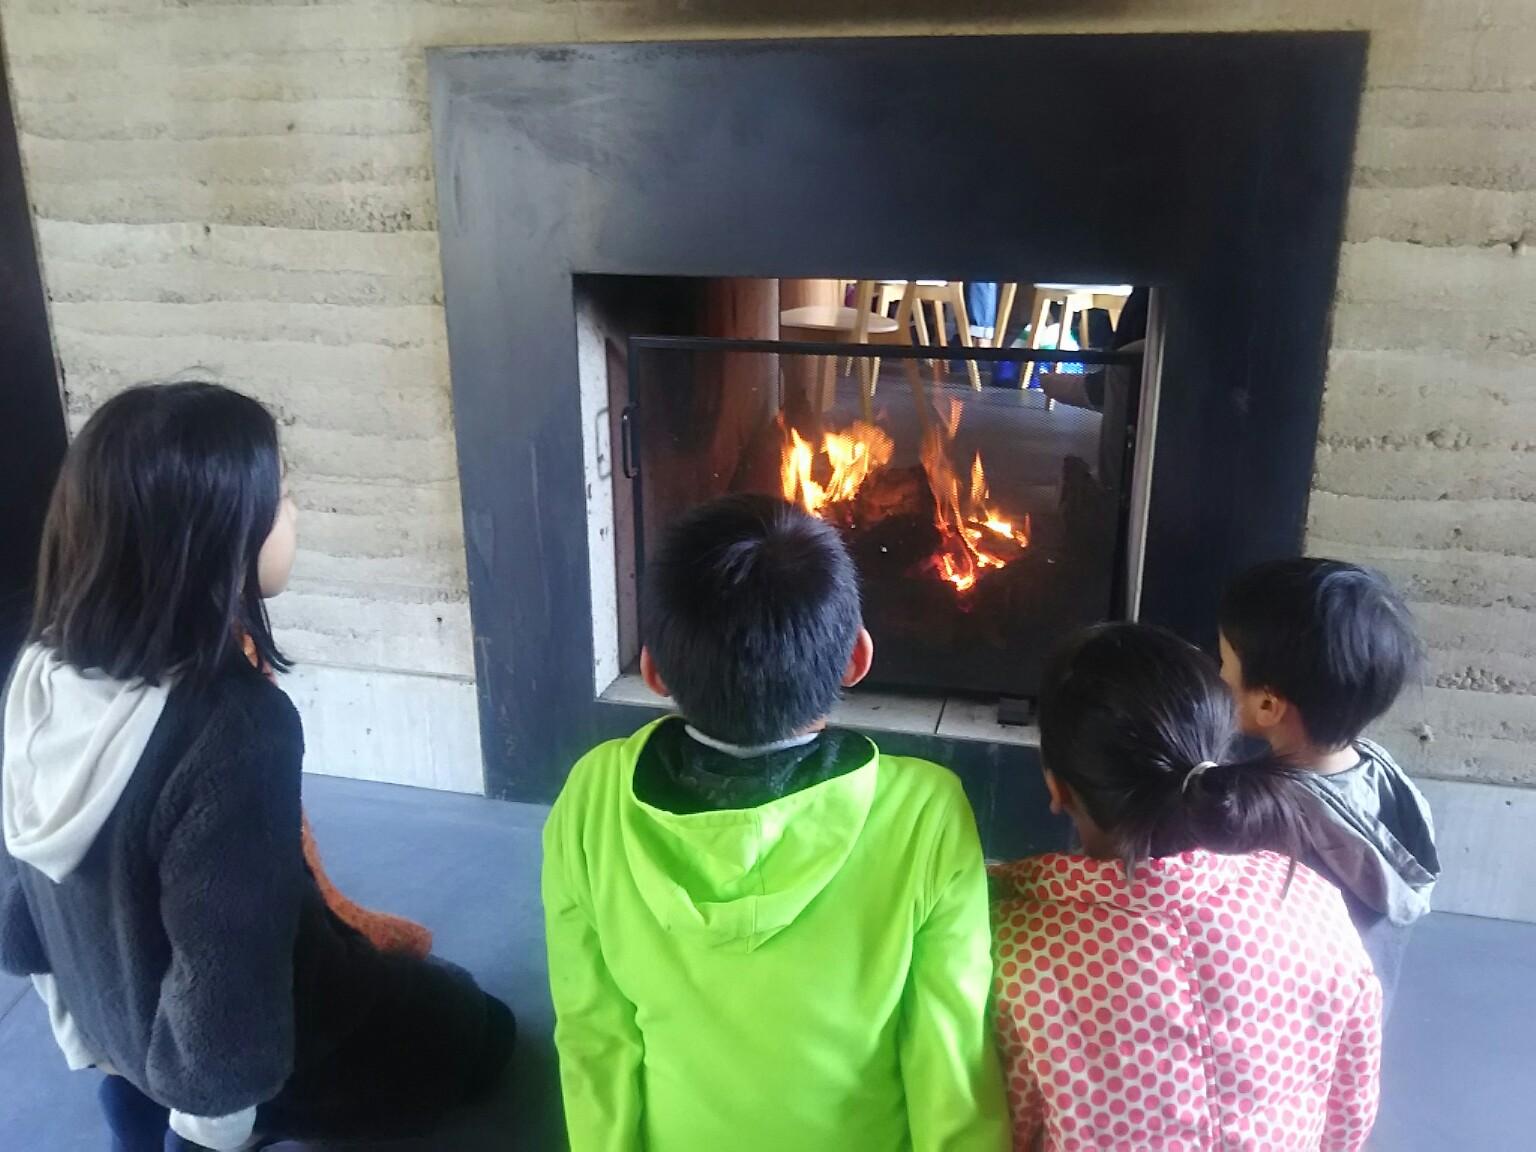 暖炉のある風景